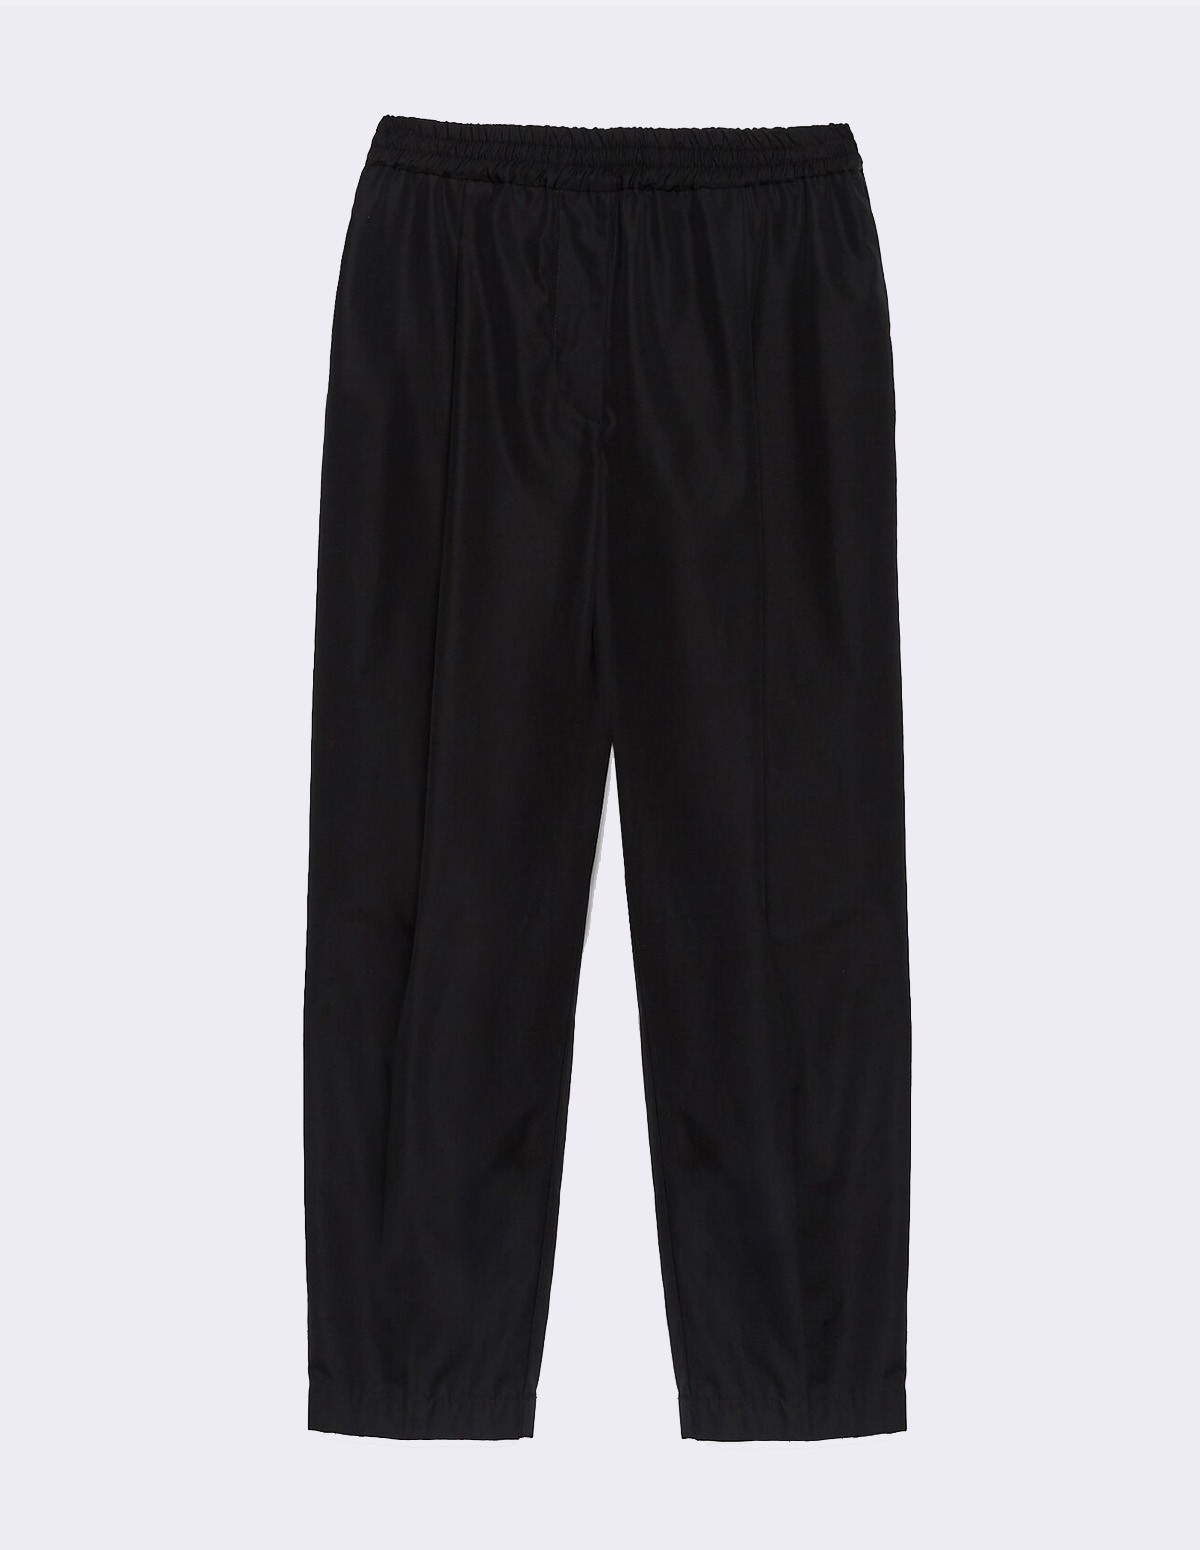 Aspesi Pantalone Mod H115 - BLACK